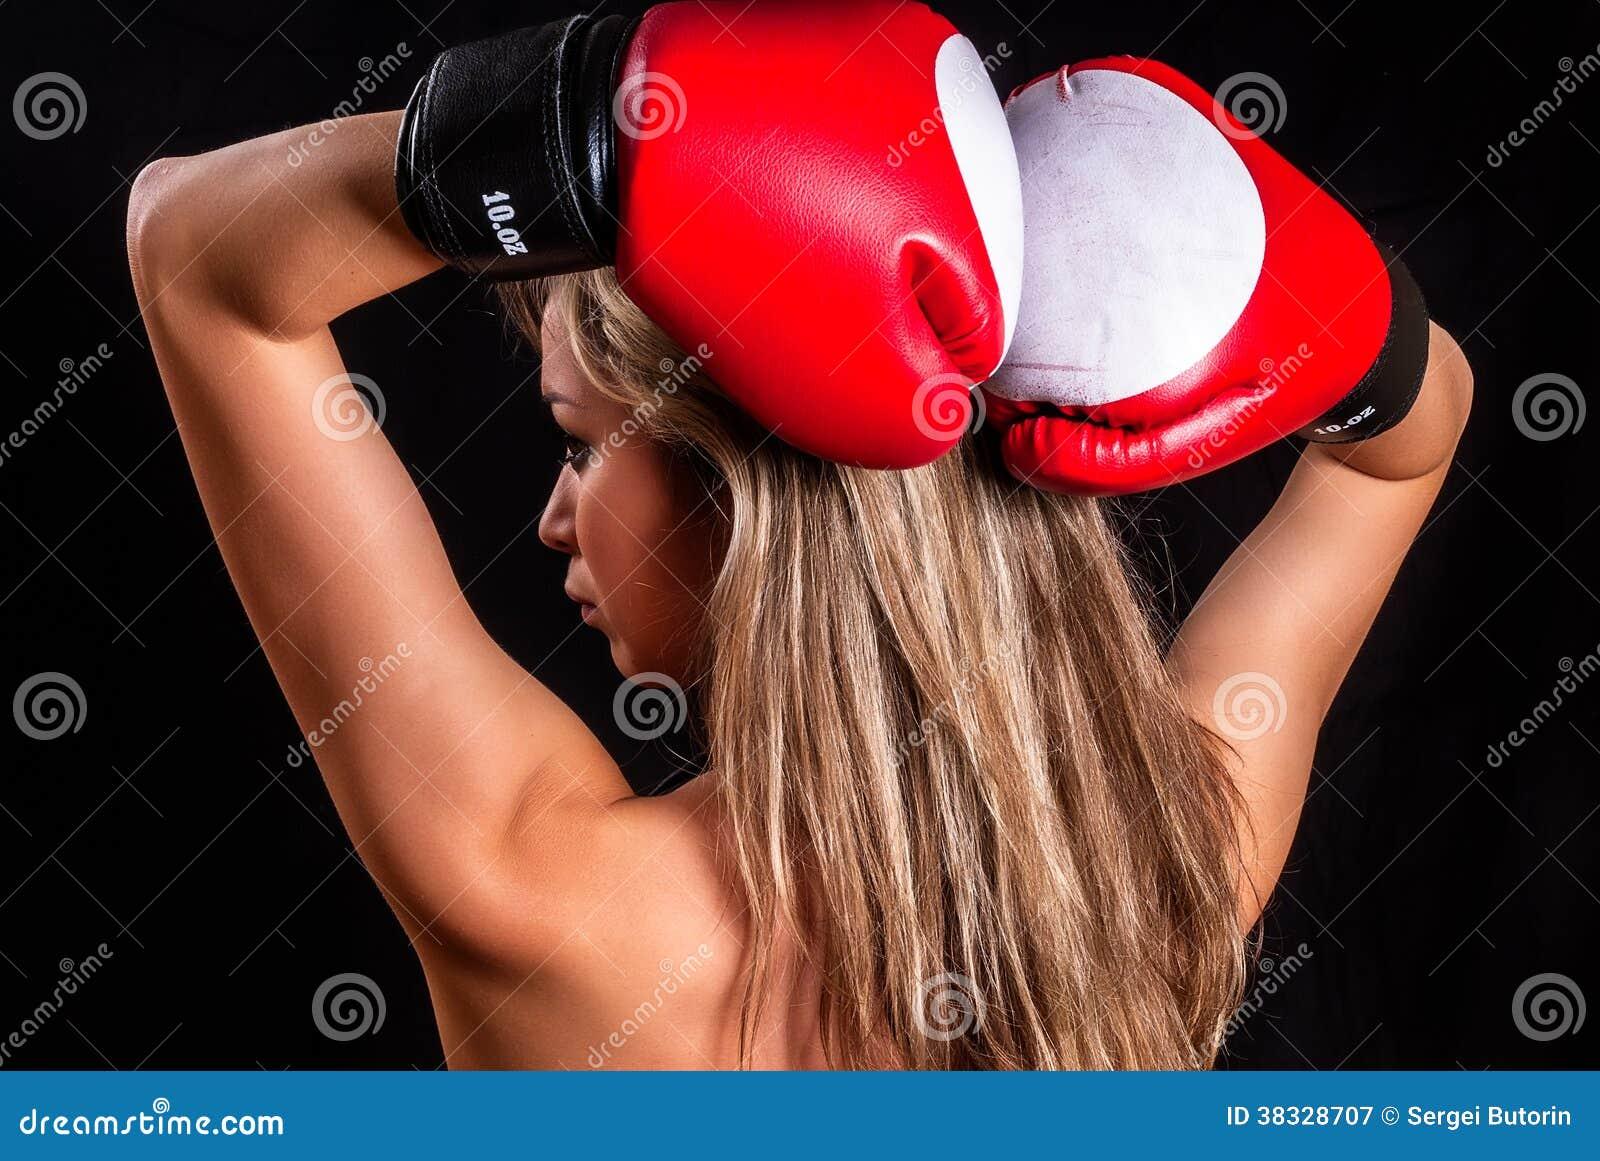 Фотосессия девушки в боксерских перчатках 8 фотография